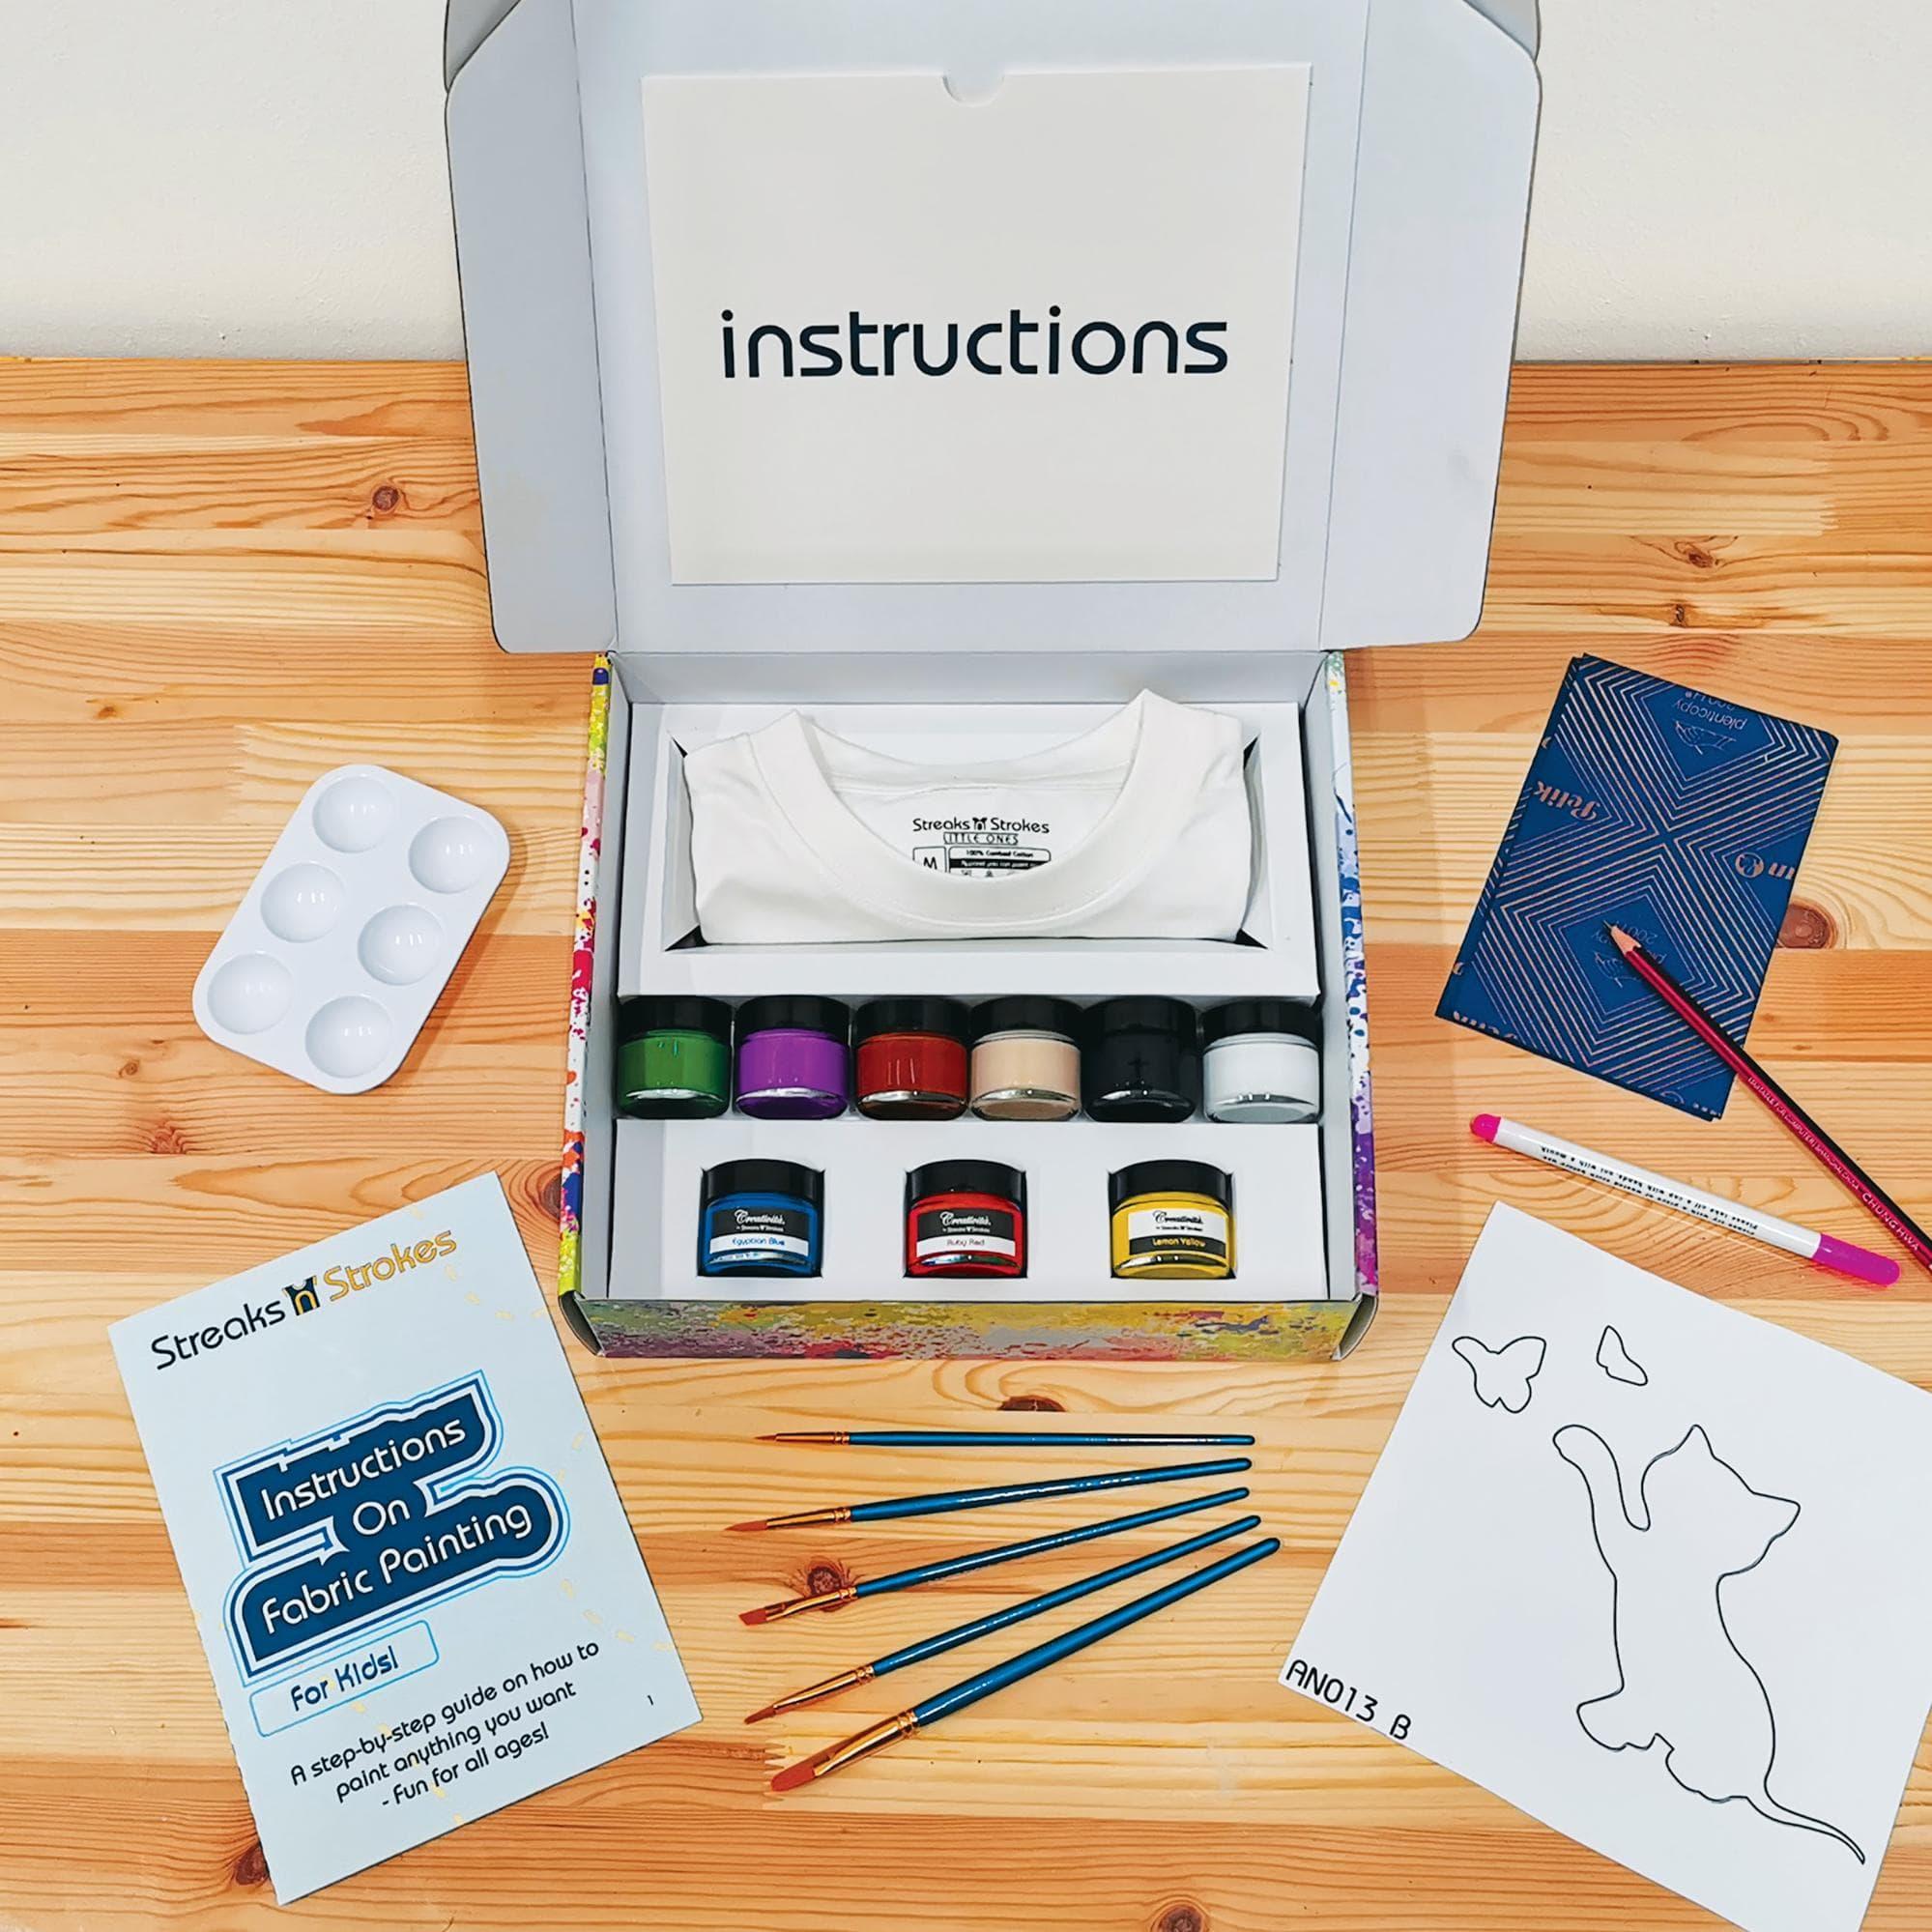 Streaks n Strokes Home Painting Kit